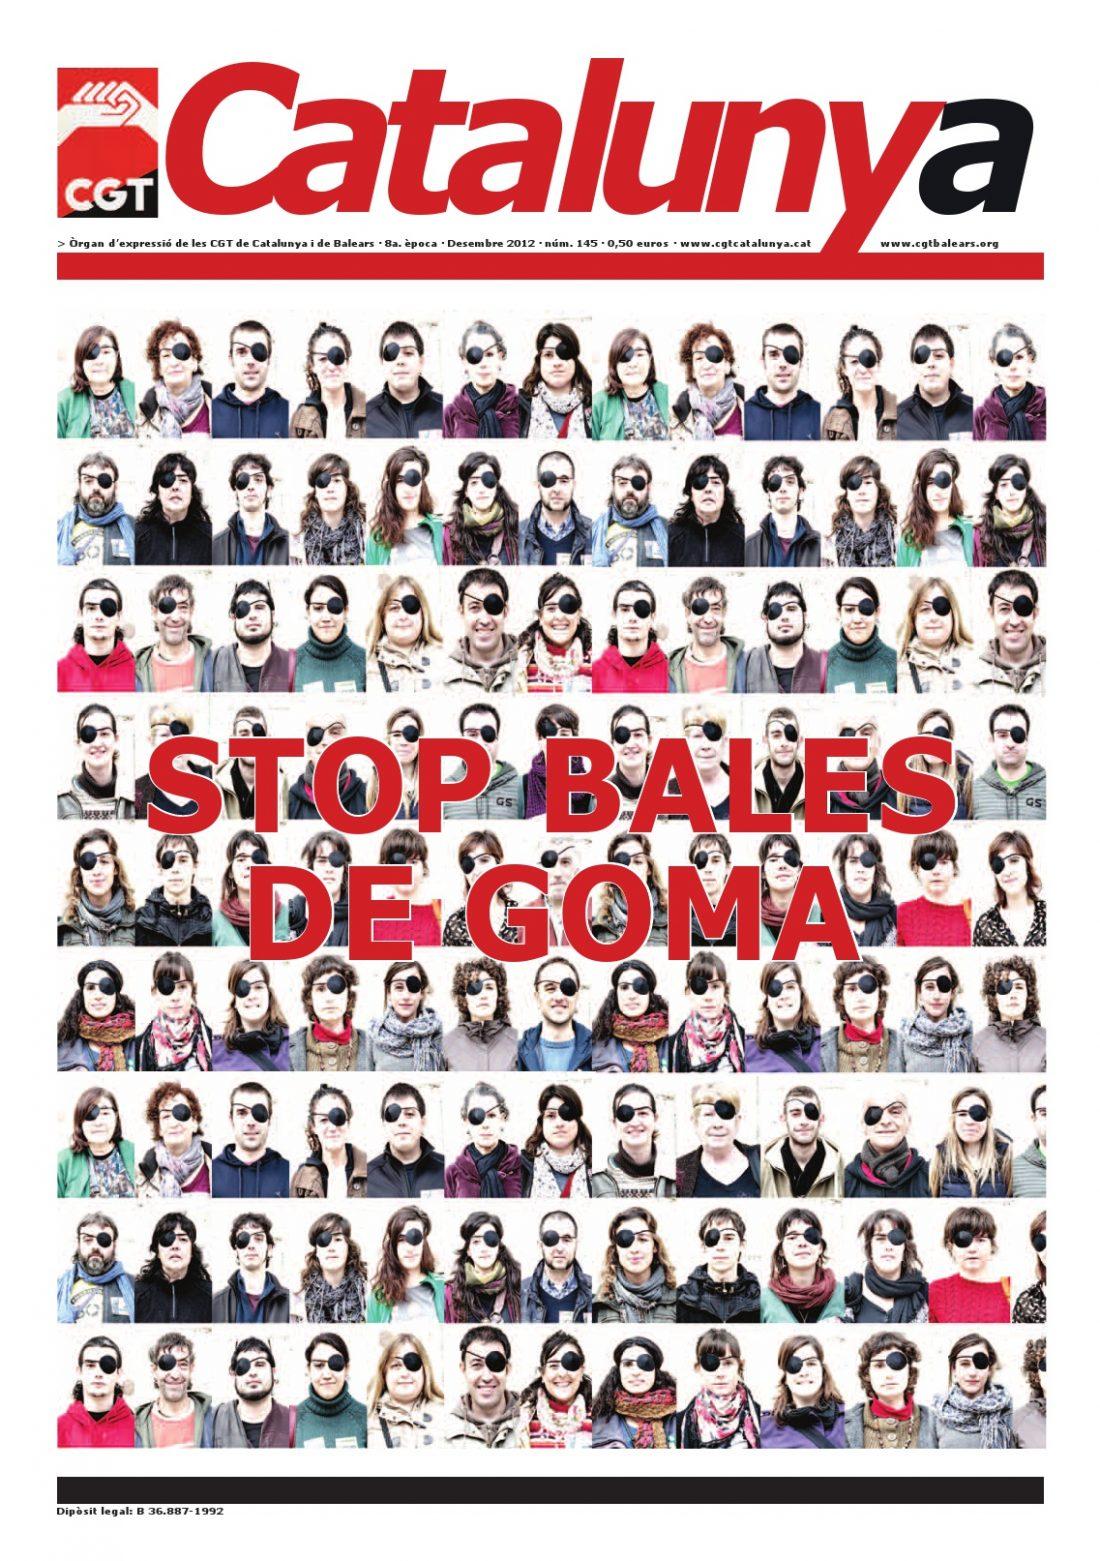 Catalunya núm. 145 – diciembre 2012